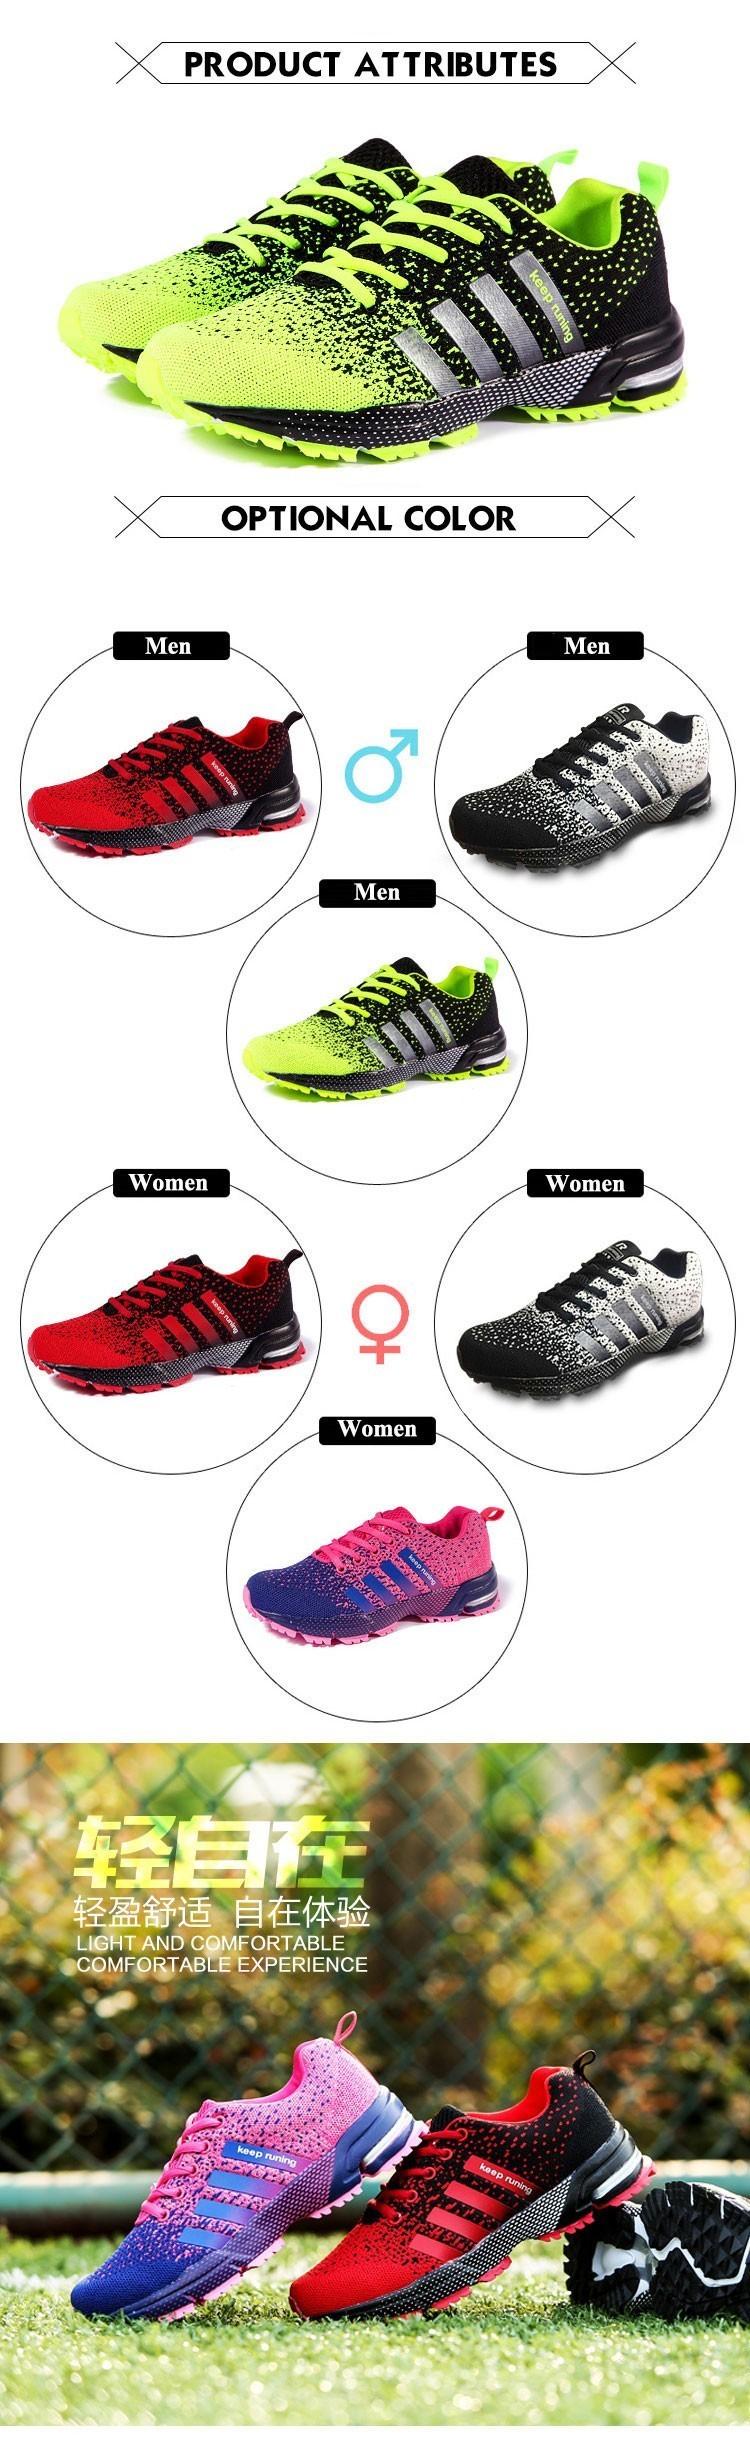 Высокое Качество Женщины Мужчины Причинно Обувь Летать Переплетения Моды Плоские Ботинки Женщин Мужчины Тренеры Дышащий Свет Мягкий Мужчины Квартиры Женщины